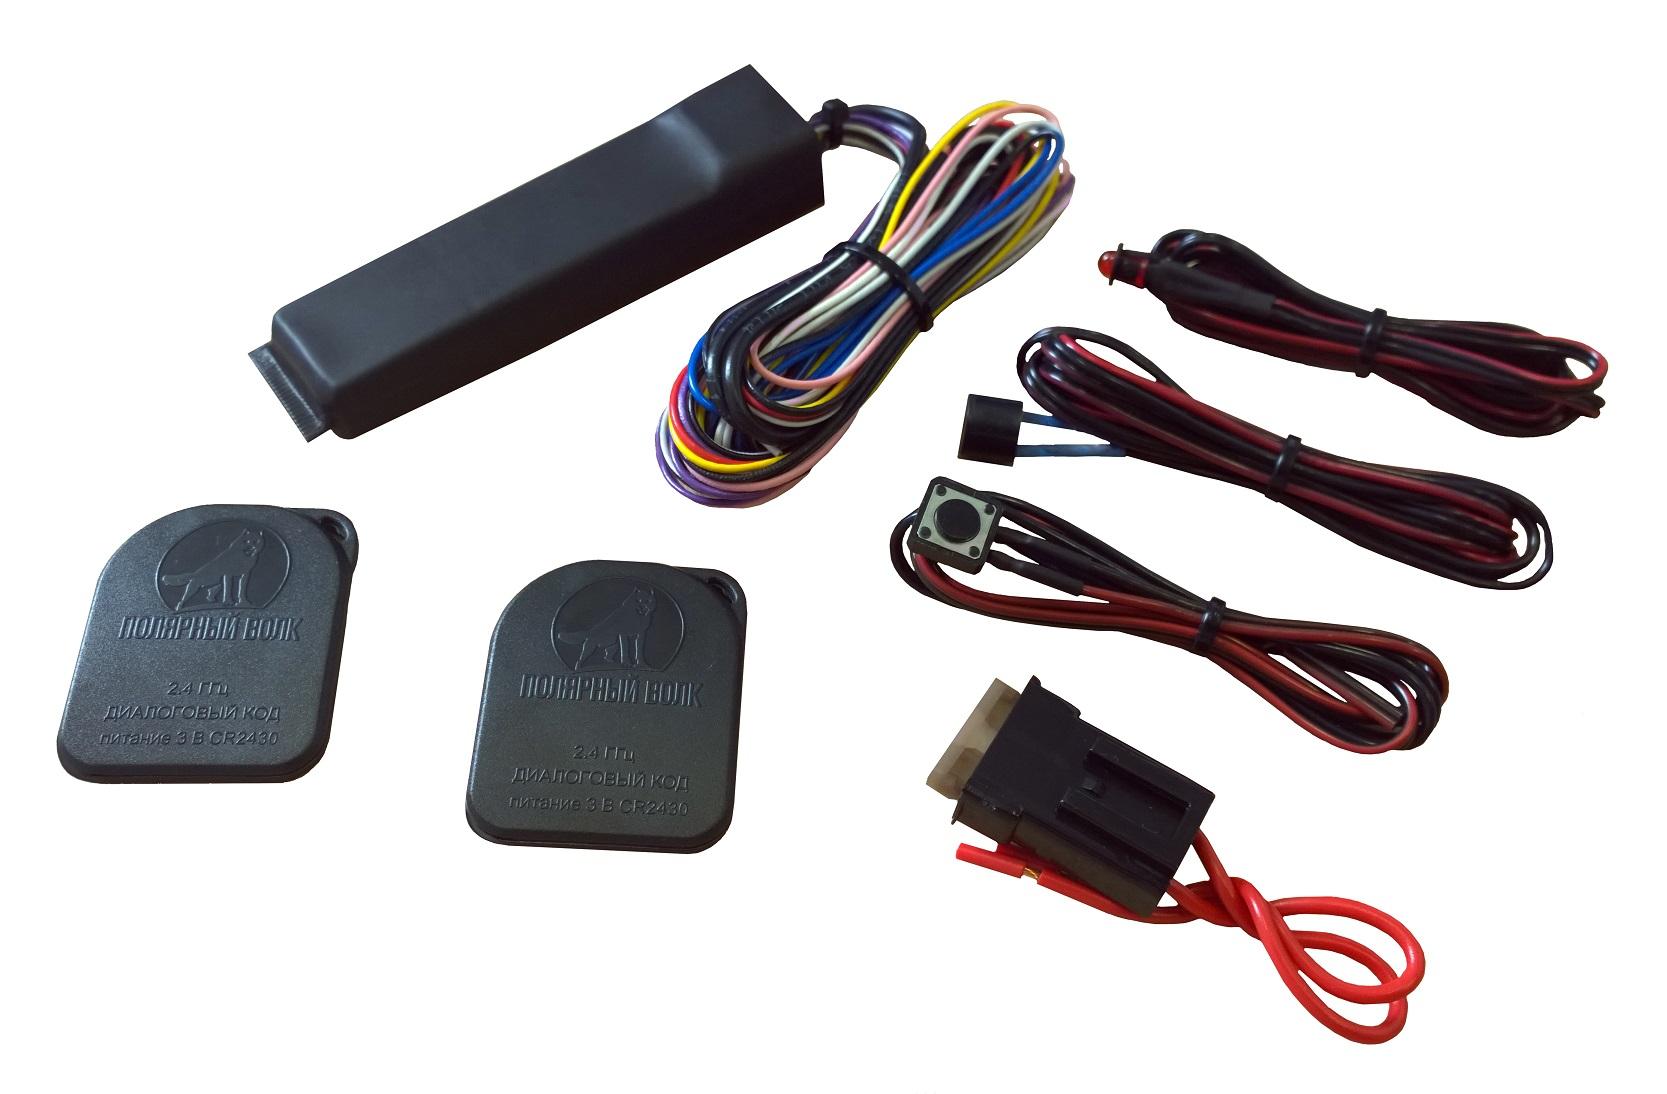 Иммобилайзер - что это такое в машине, для чего он нужен и как его обойти